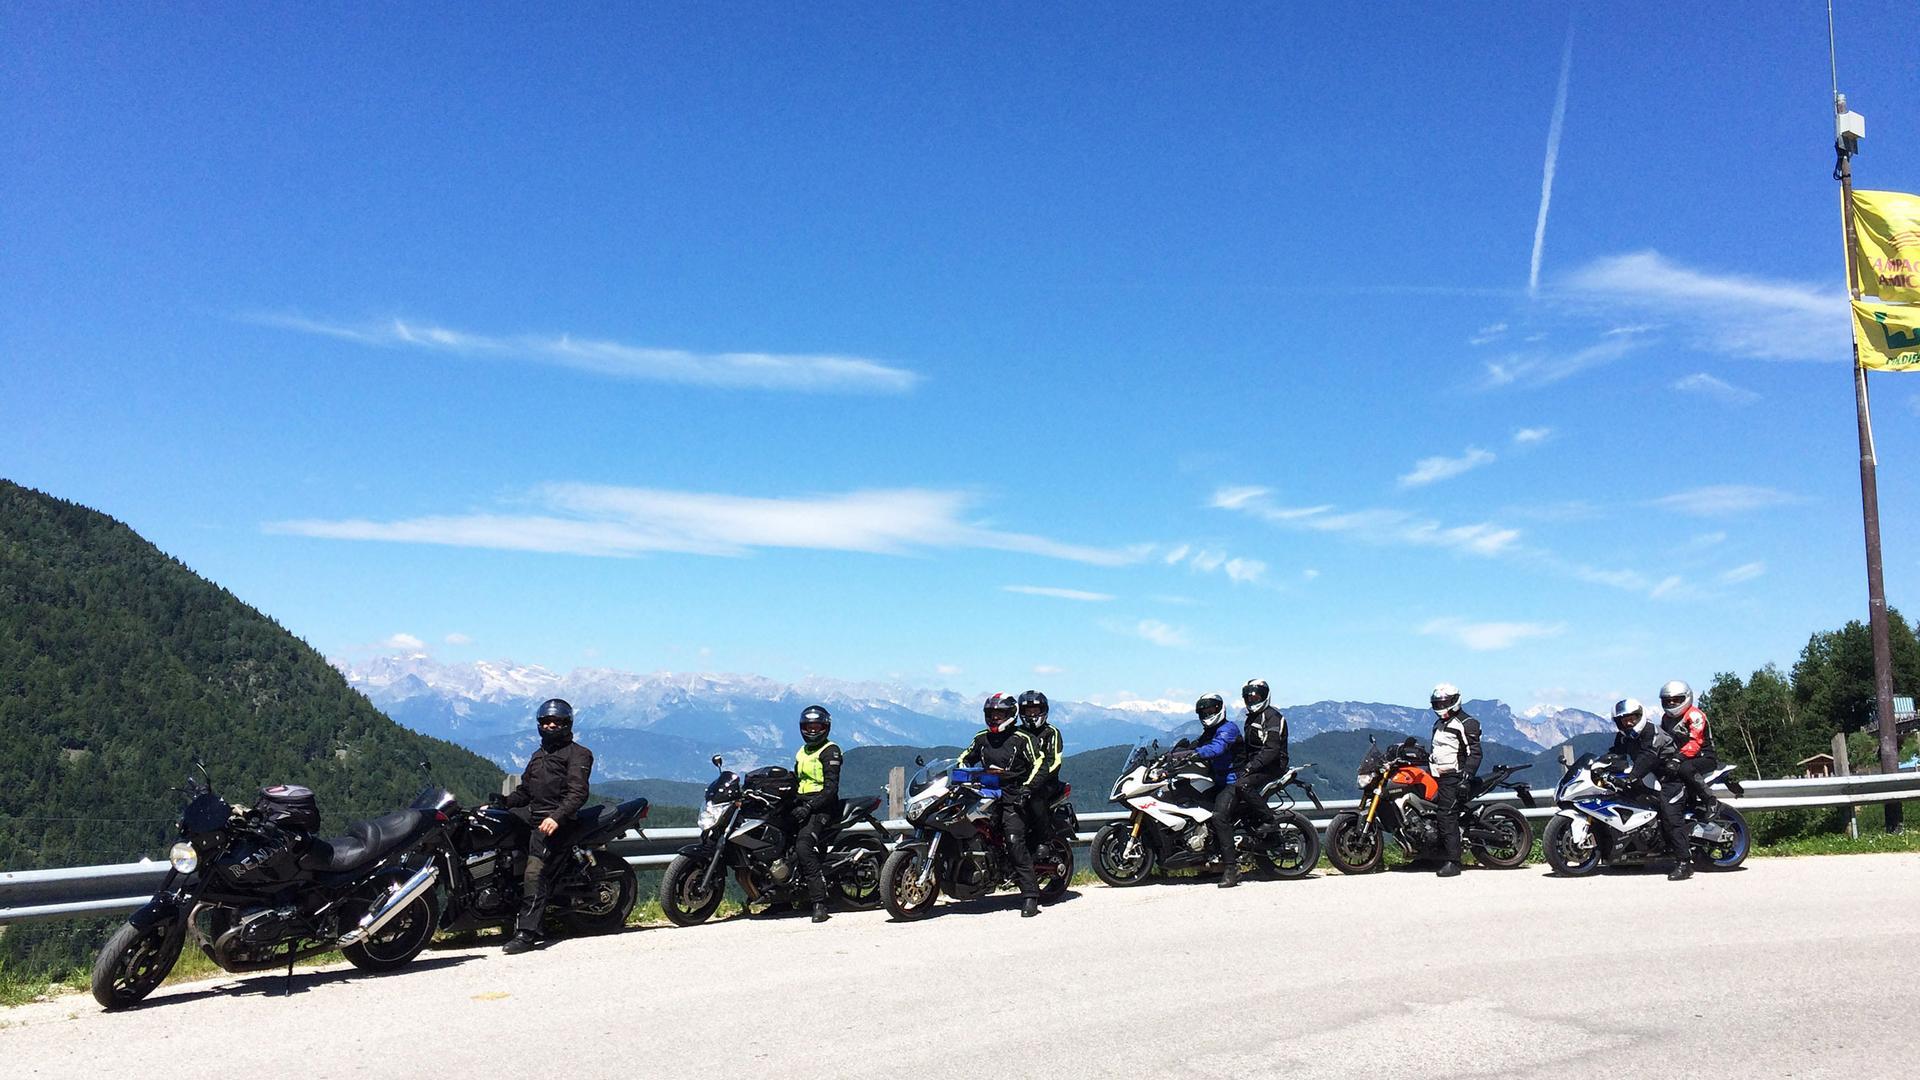 hotel-mondschein-eggental-obereggen-biketouren-1.JPG